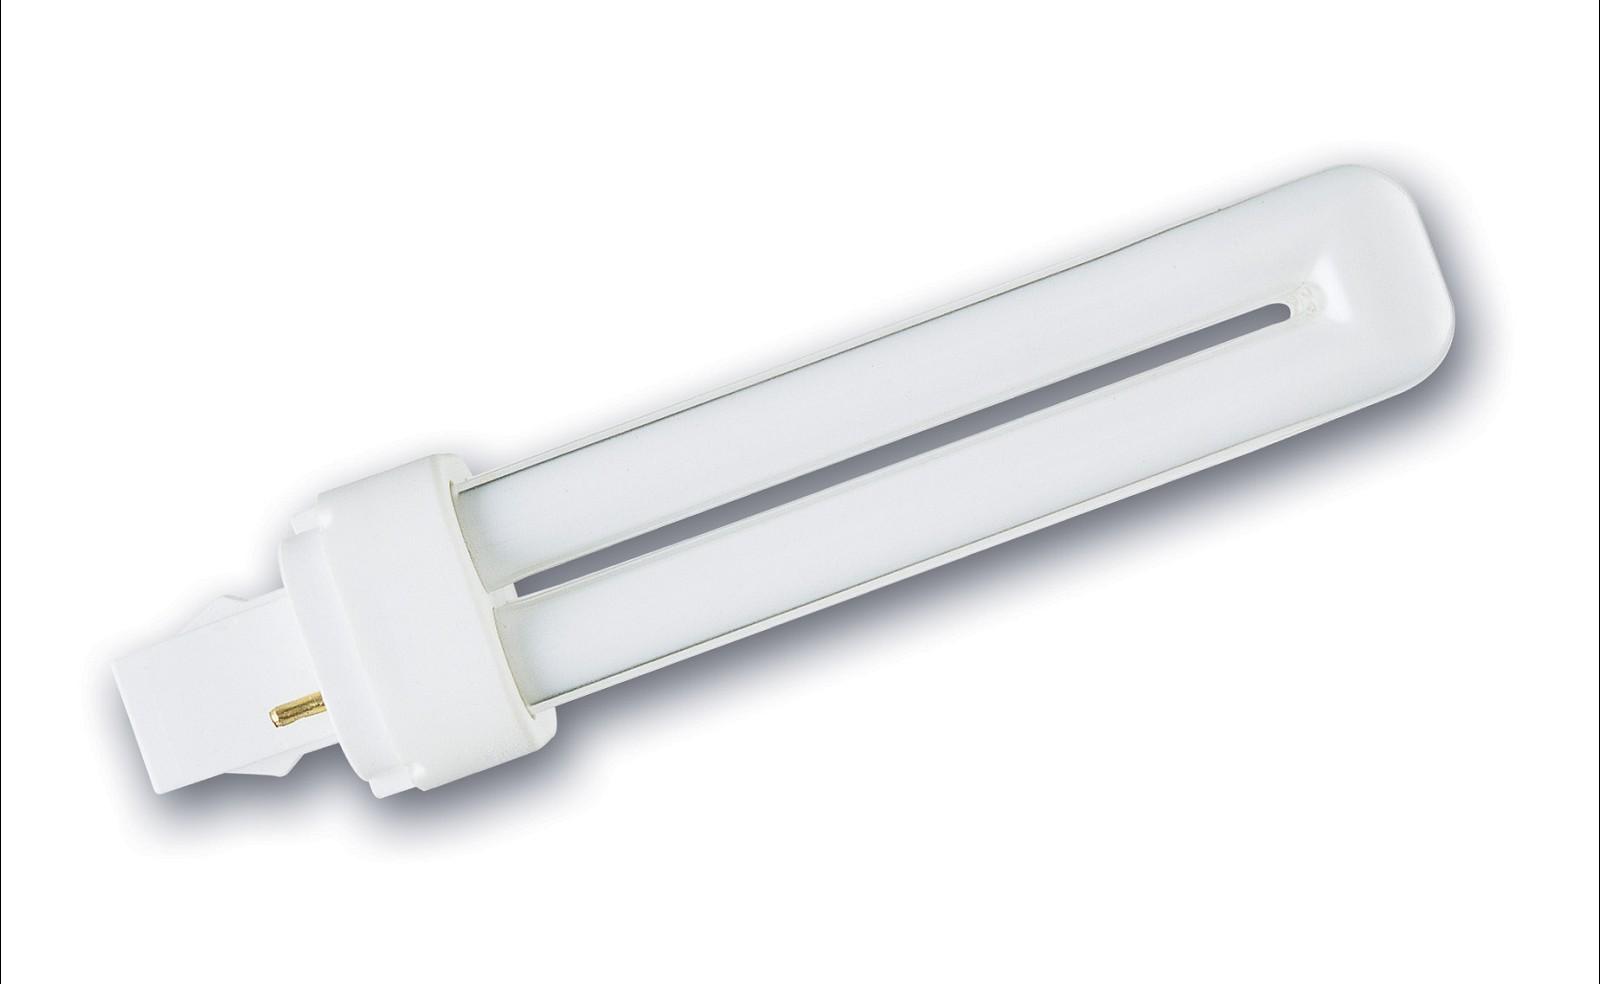 Lampe fluocompacte PHILIPS Master PL C 2P G24d 2 18W 830